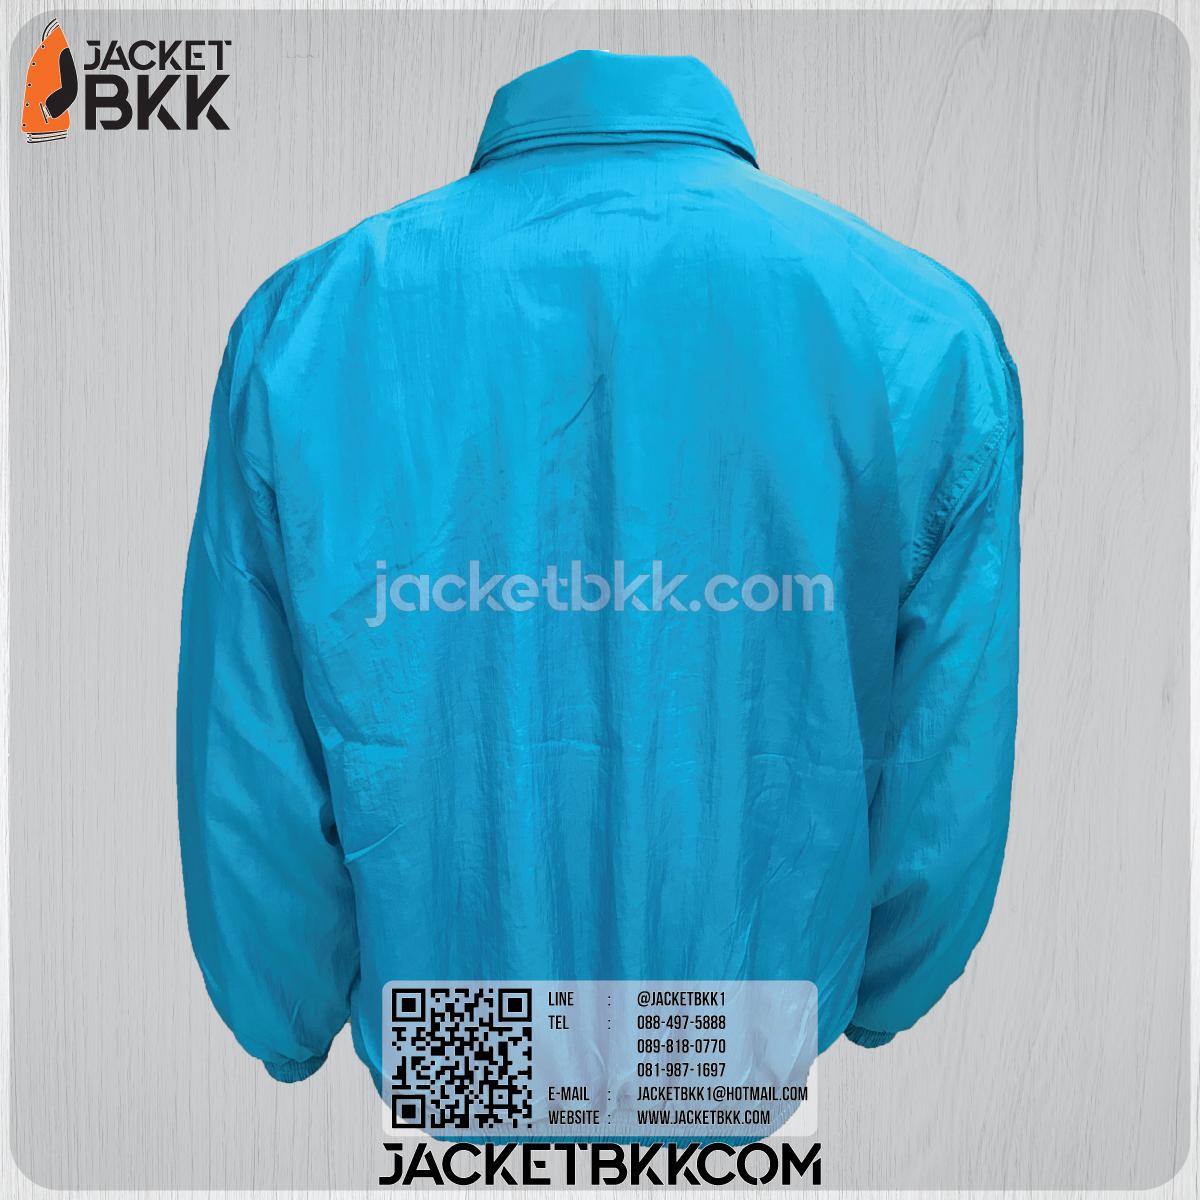 ขายส่งเสื้อแจ็คเก็ตผ้าร่มย่น สีฟ้า โบ๊เบ๊ พร้อมปักสกรีน